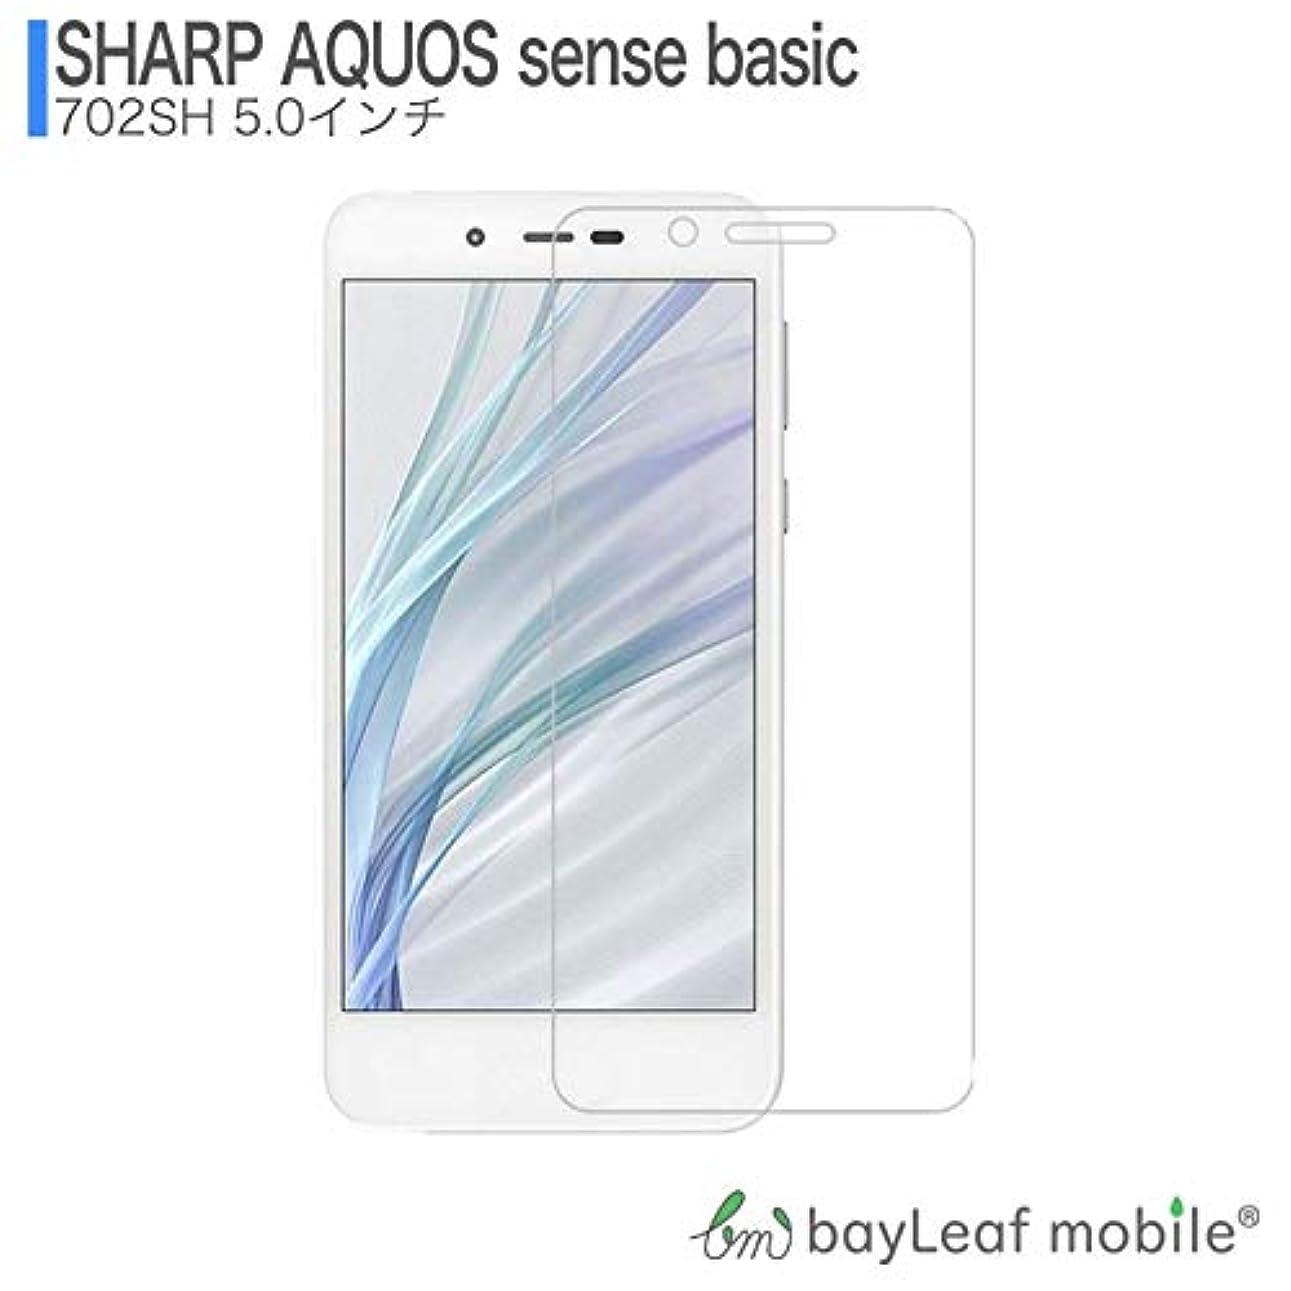 名誉小道具共和国AQUOS sense basic ガラスフィルム 高品質硝子素材採用 高透過率 薄型 硬度9H 飛散防止処理 2.5D 自動吸着 AQUOS sense basic 液晶保護フィルム bayLeafmobile